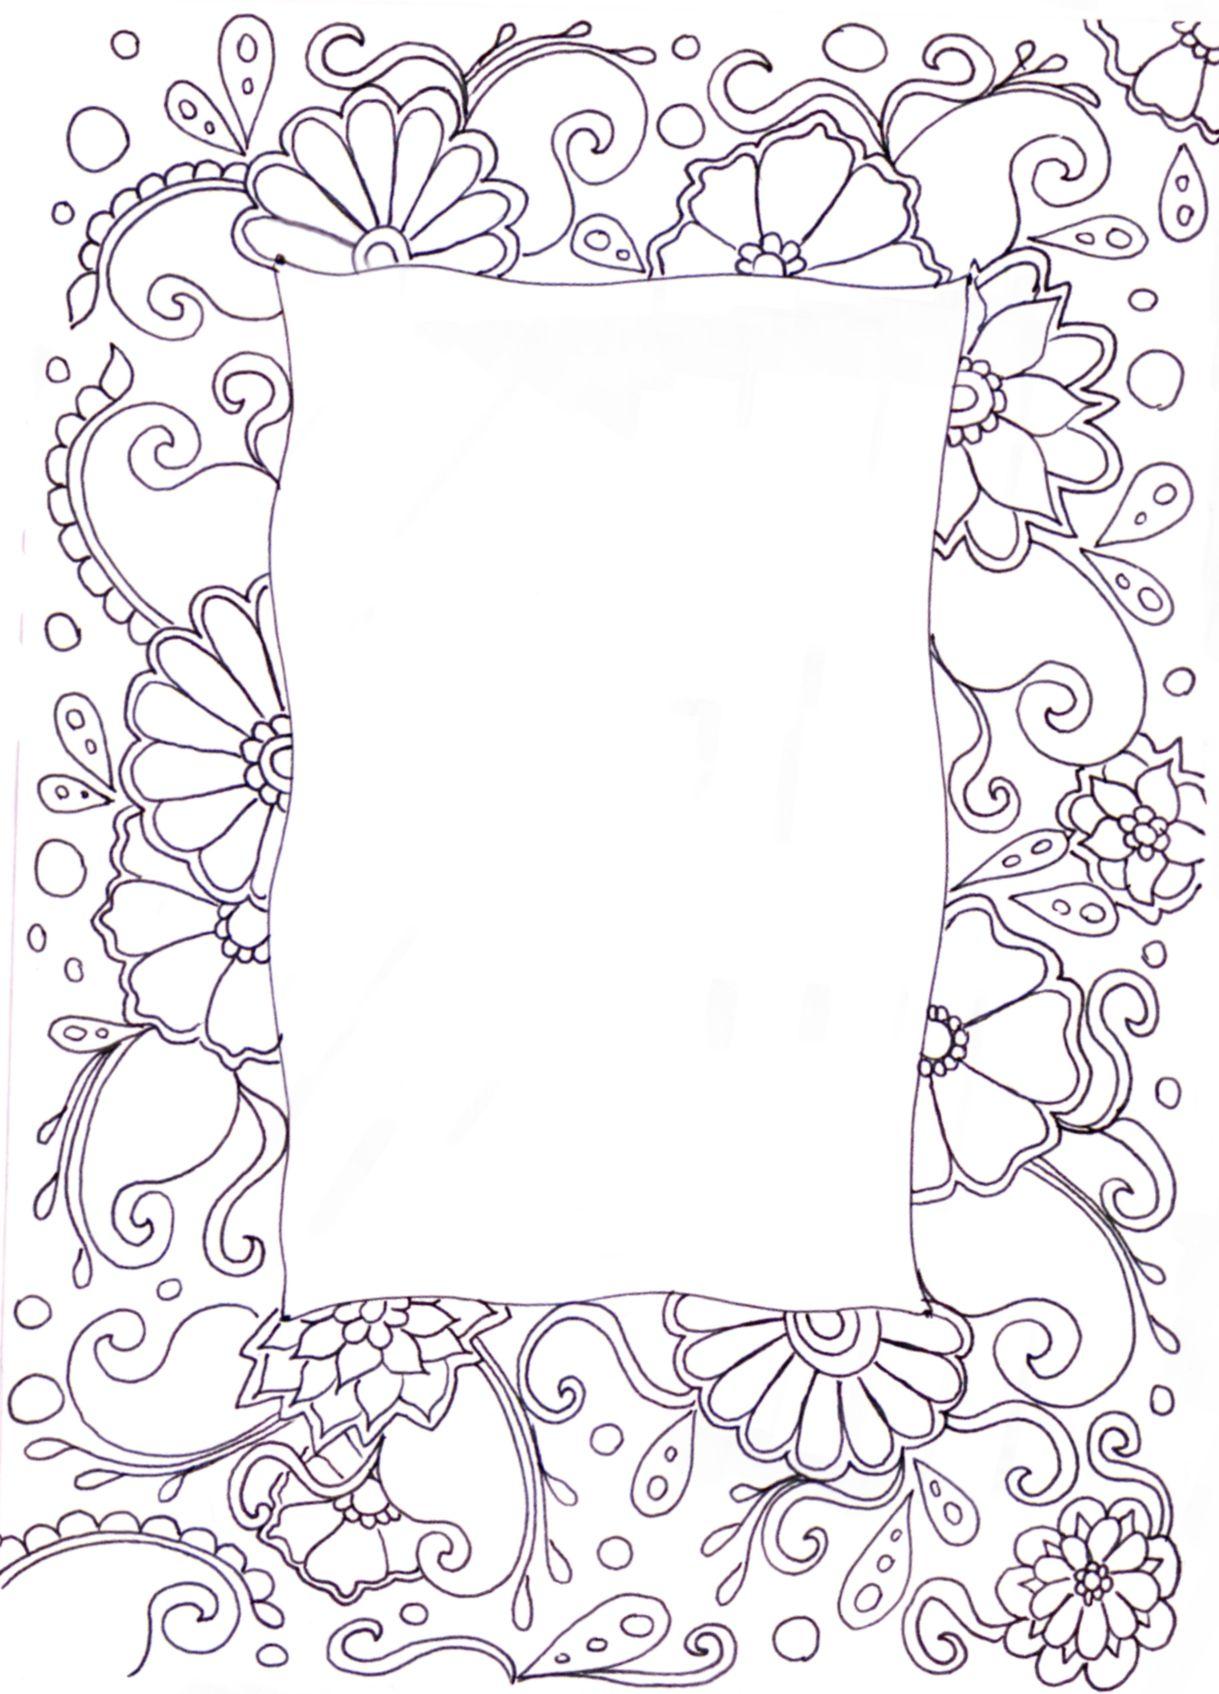 Zentangle Doodle Frames Doodle Frame Doodle Borders